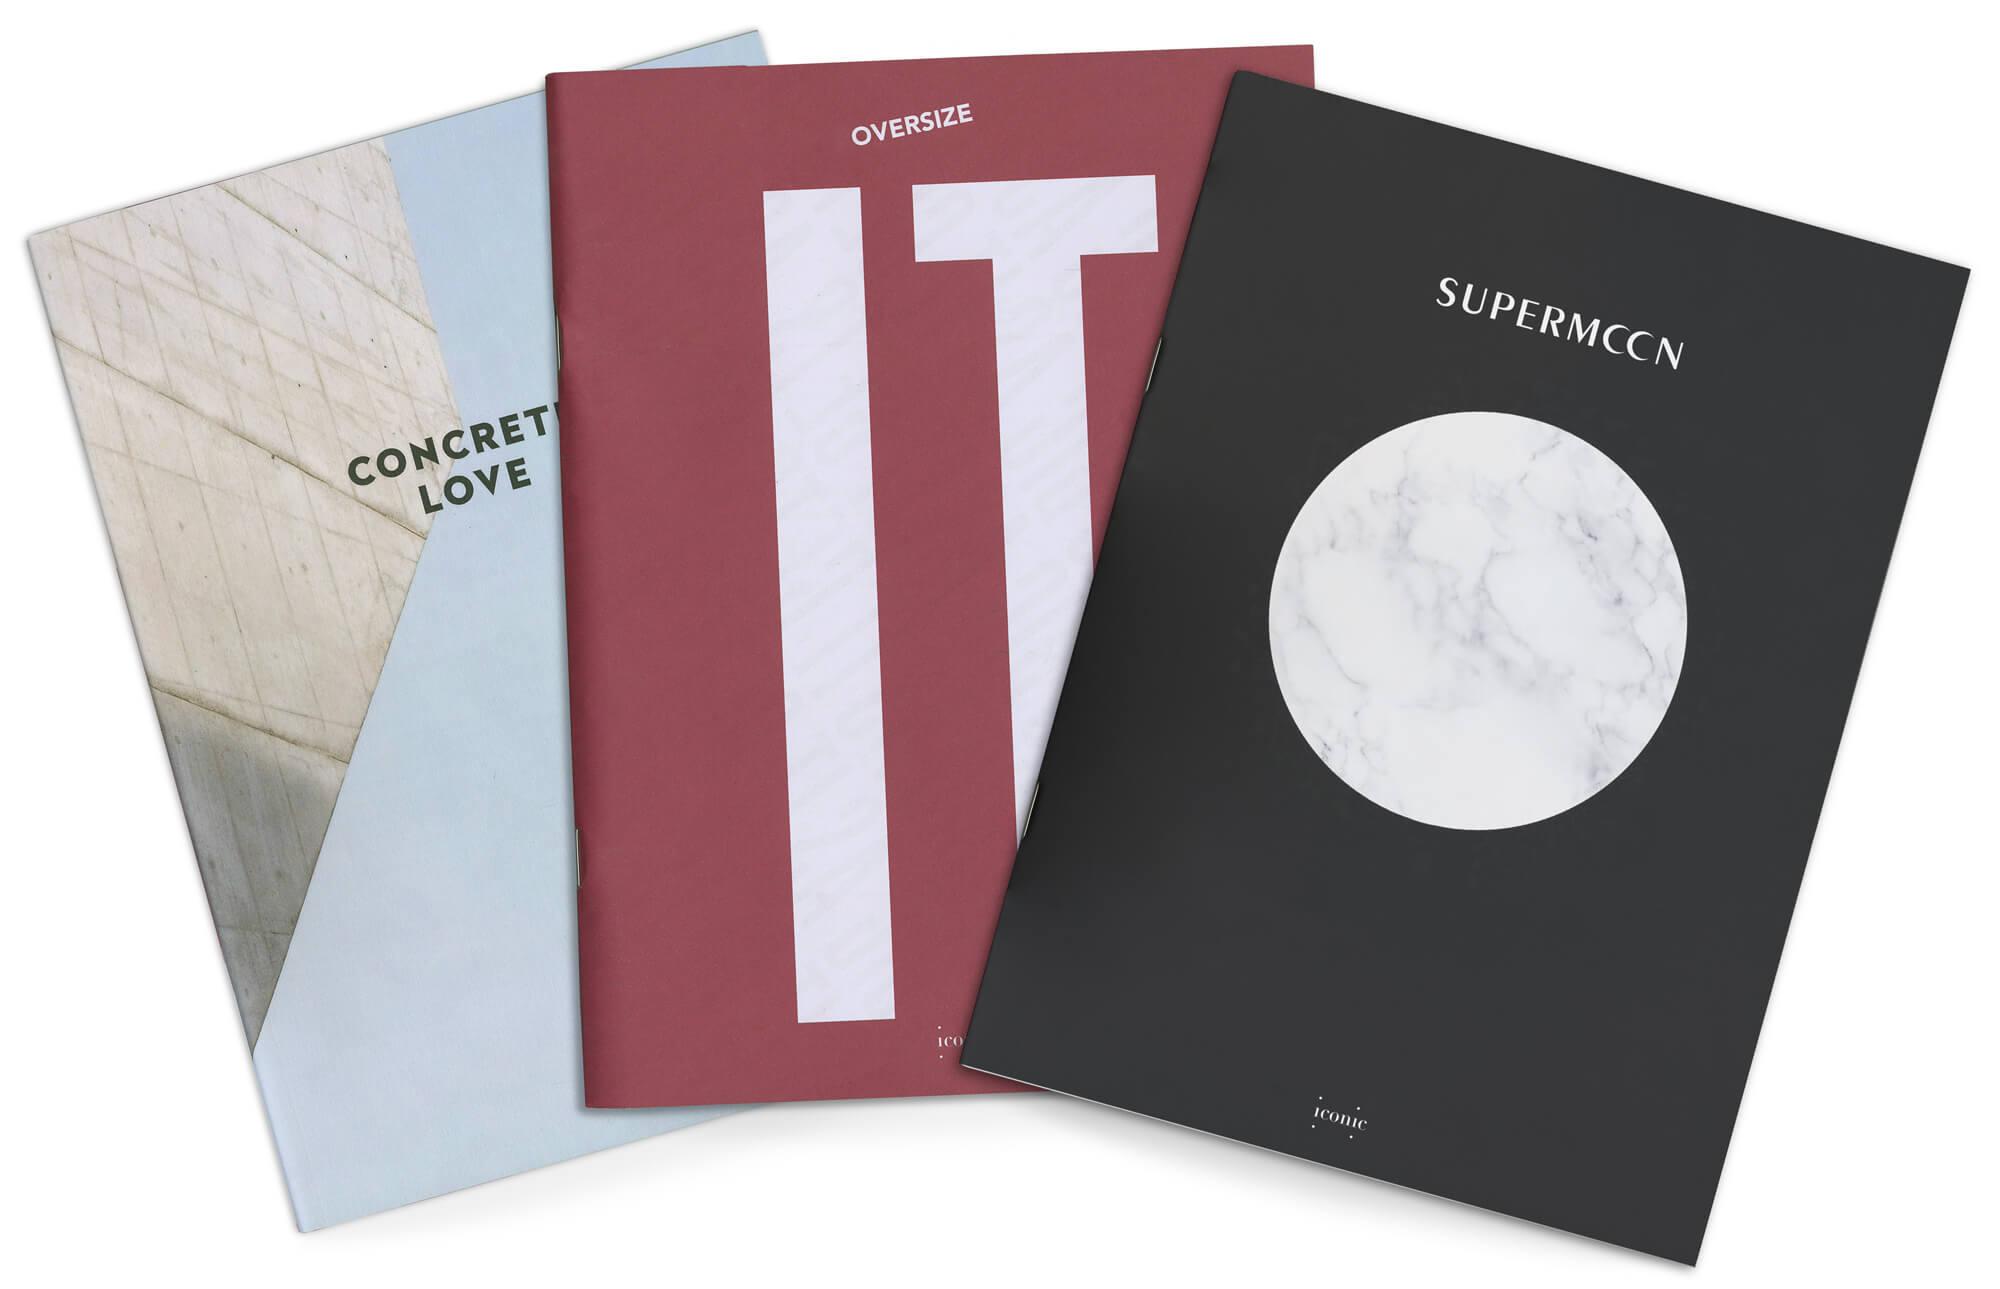 ichetkar dessine la maquette du magazine de design designerbox, les trois premiers numéros disposés en eventail montent les couvertures illustrées